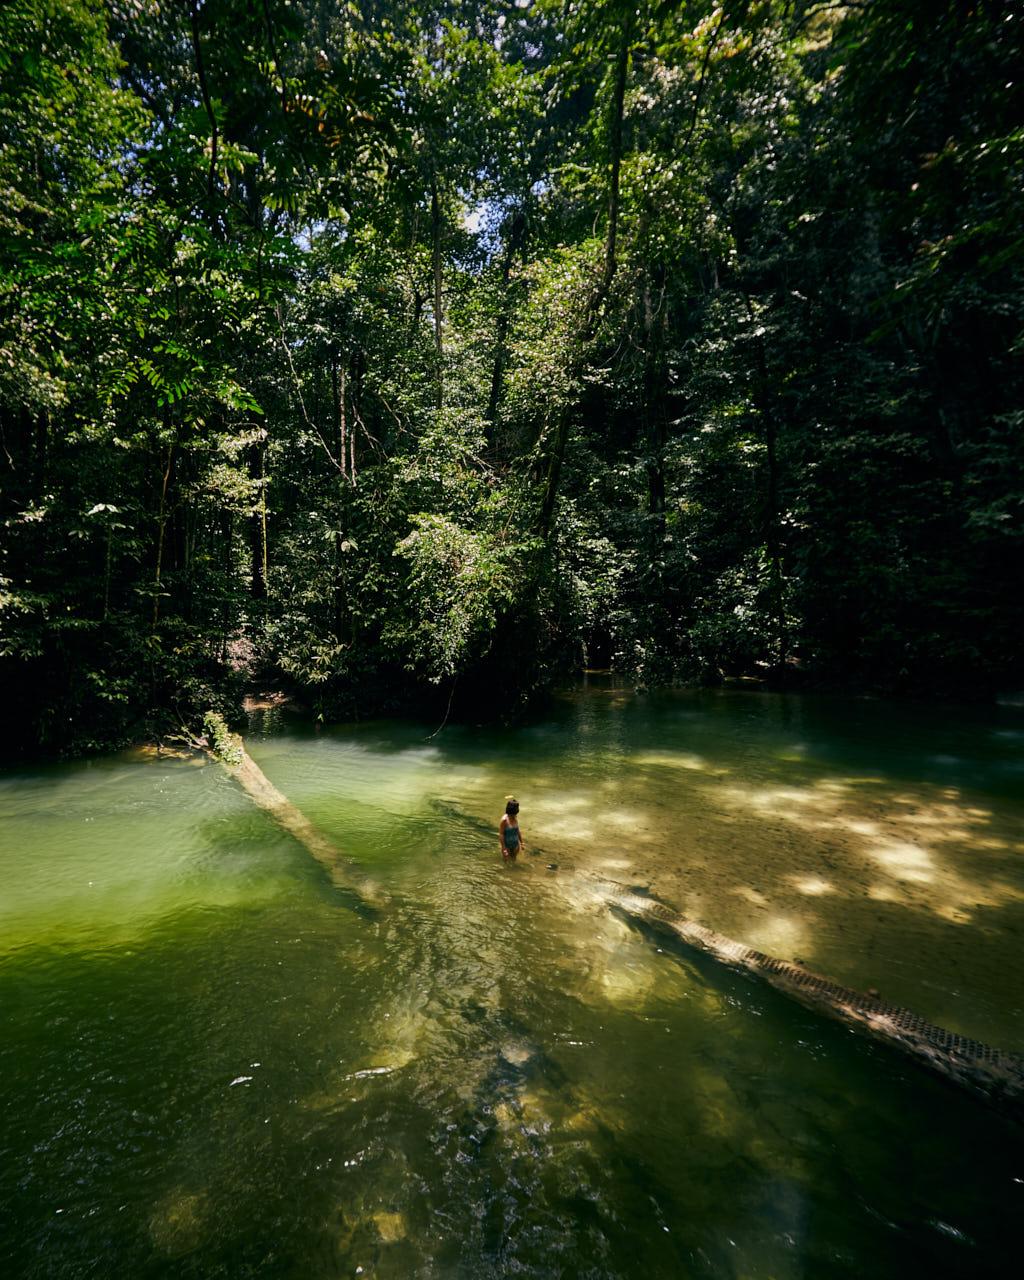 Une femme dans l'eau entre deux arbres